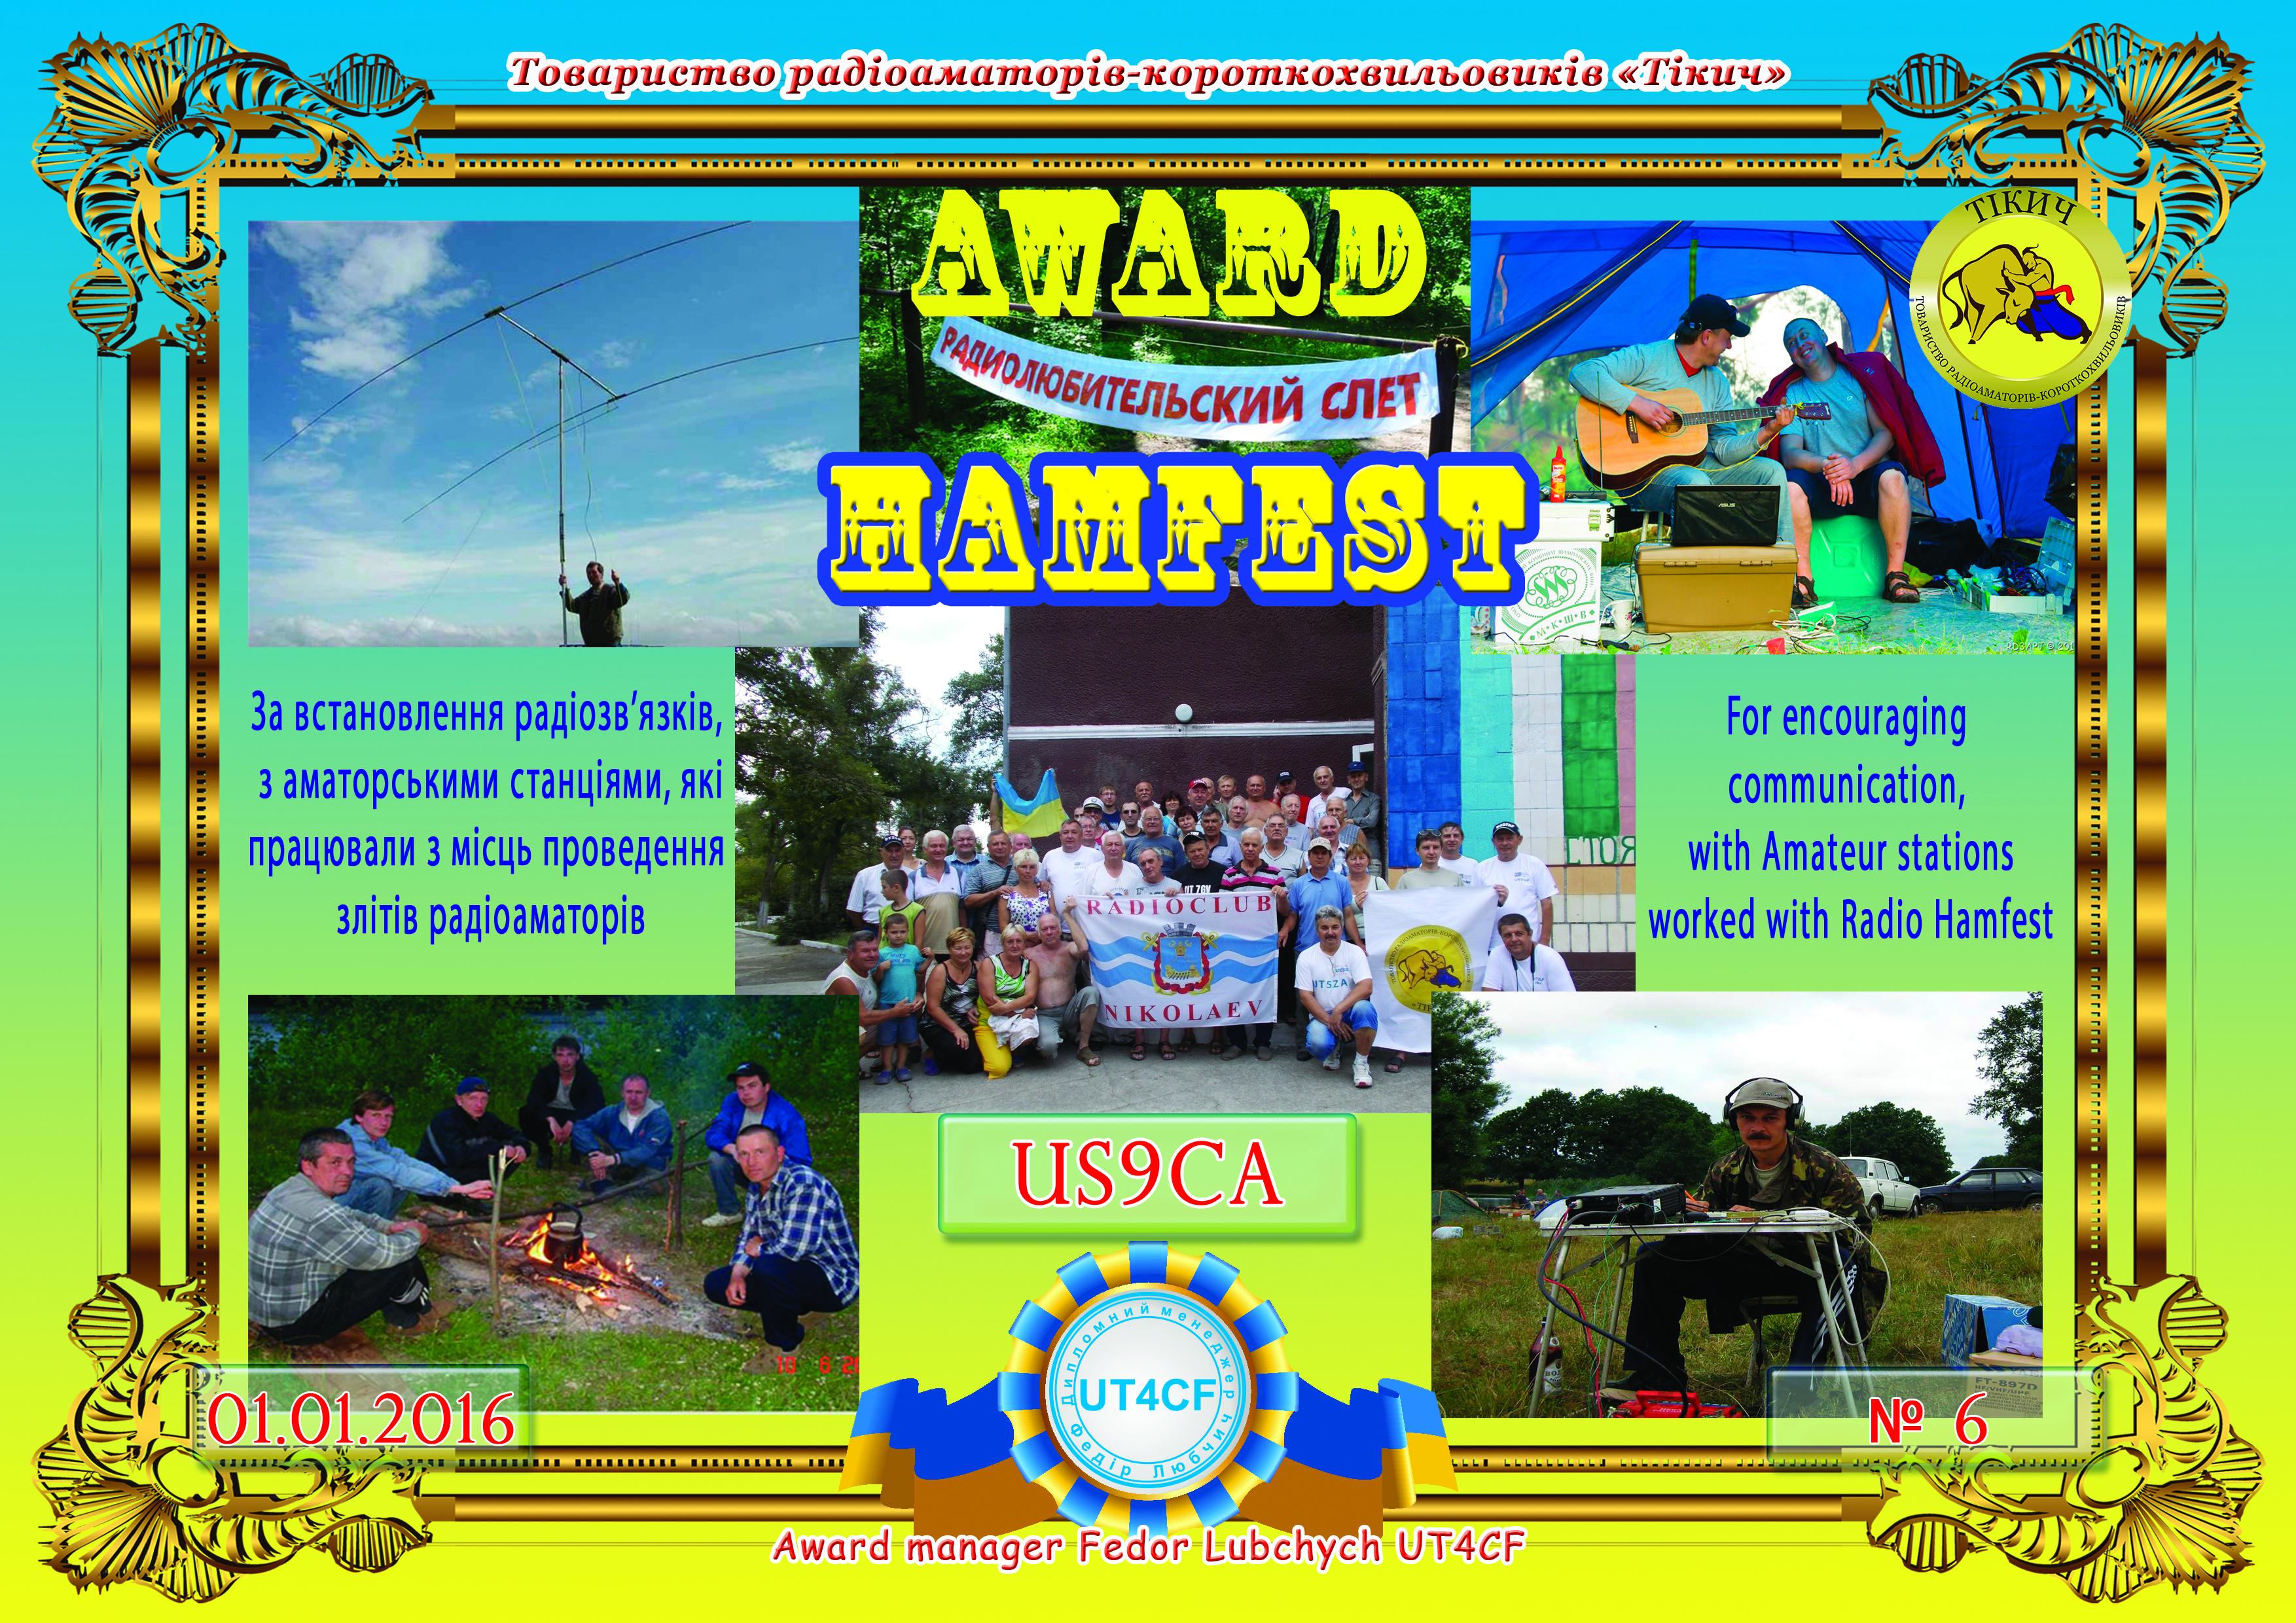 Новый диплом hamfest условия получения радиолюбительского  Общество радиолюбителей